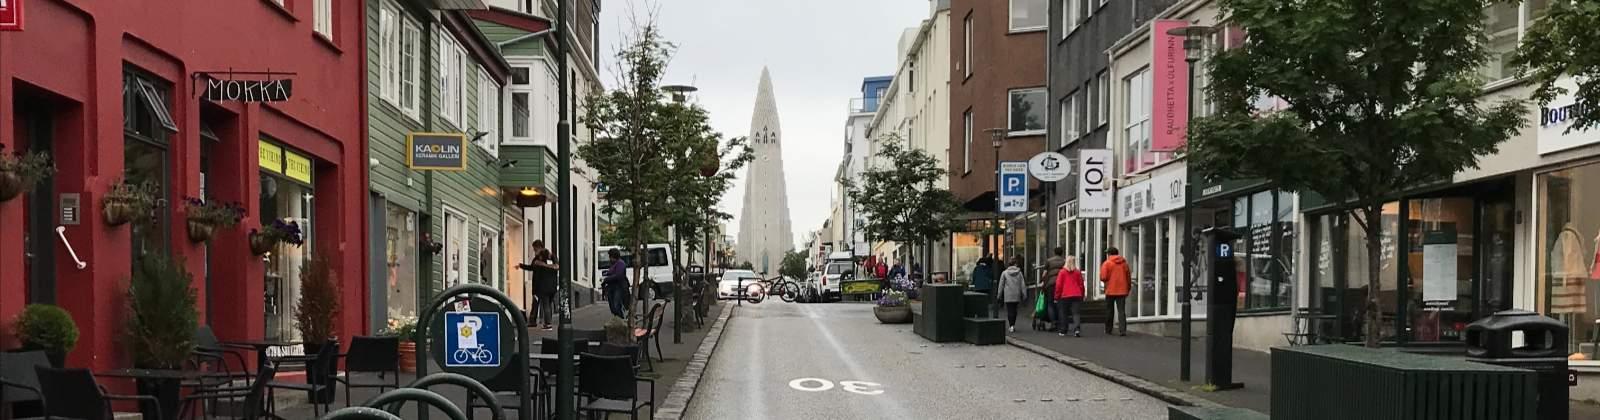 Shoppen Reykjavik